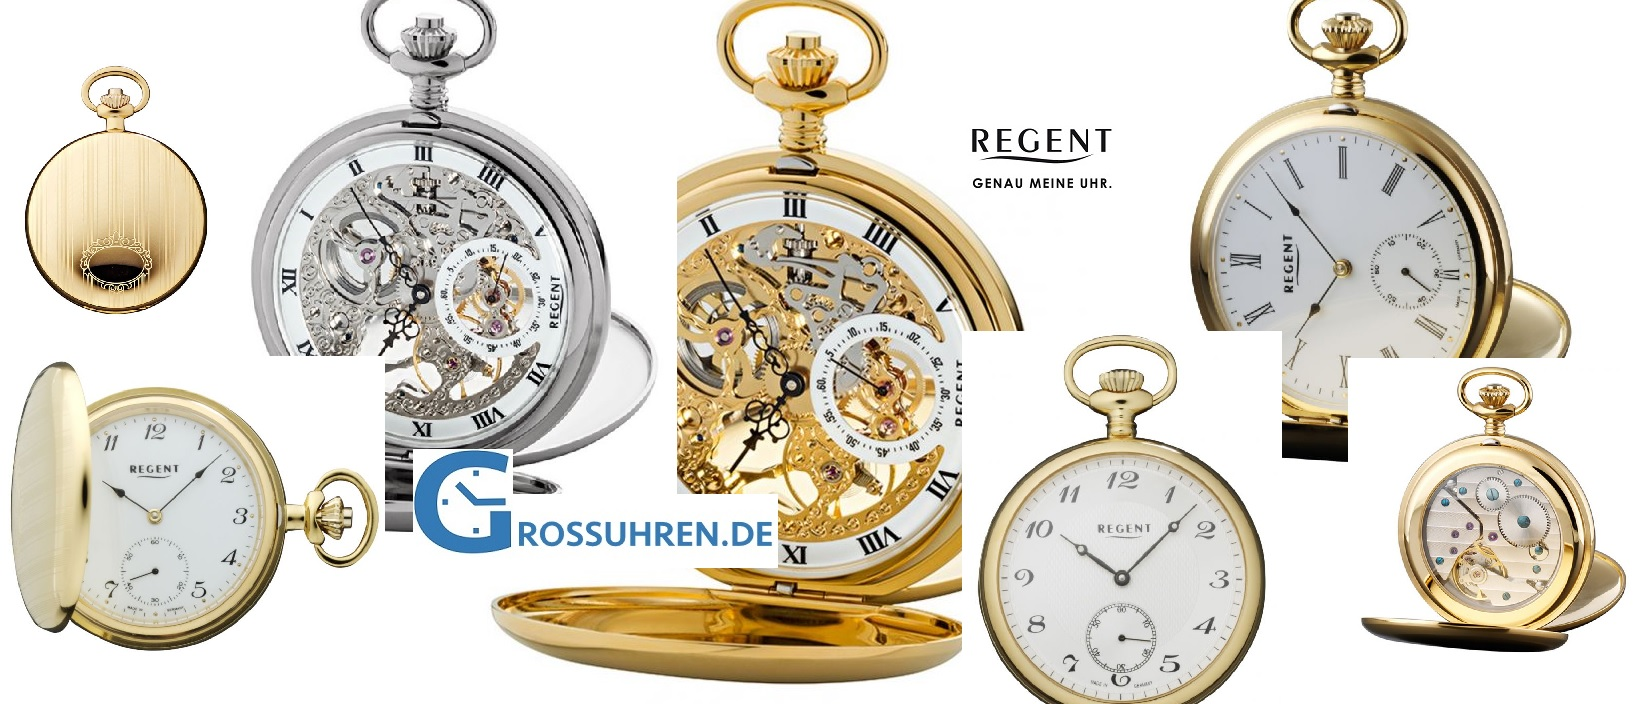 Made » Regent In Germany Taschenuhren UzVjLSpGqM